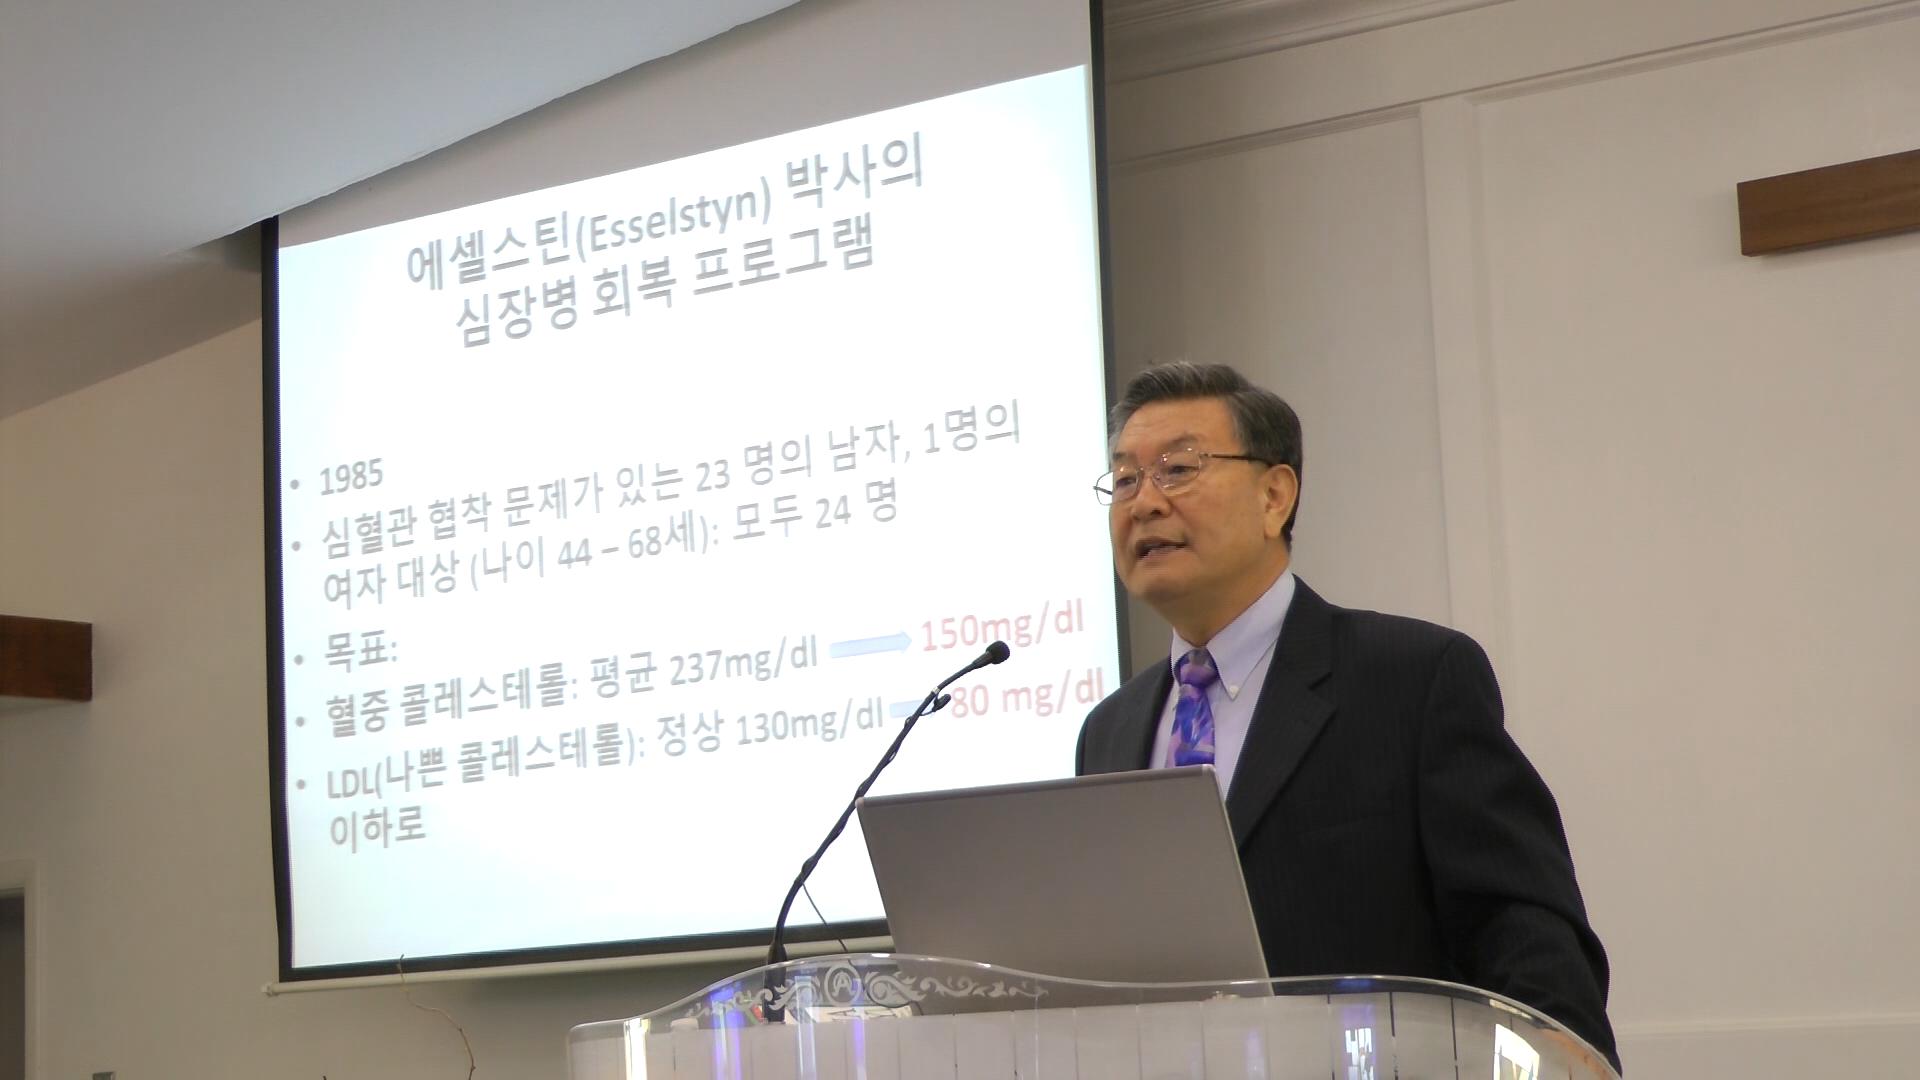 김평웅 박사의 최신 건강 강의